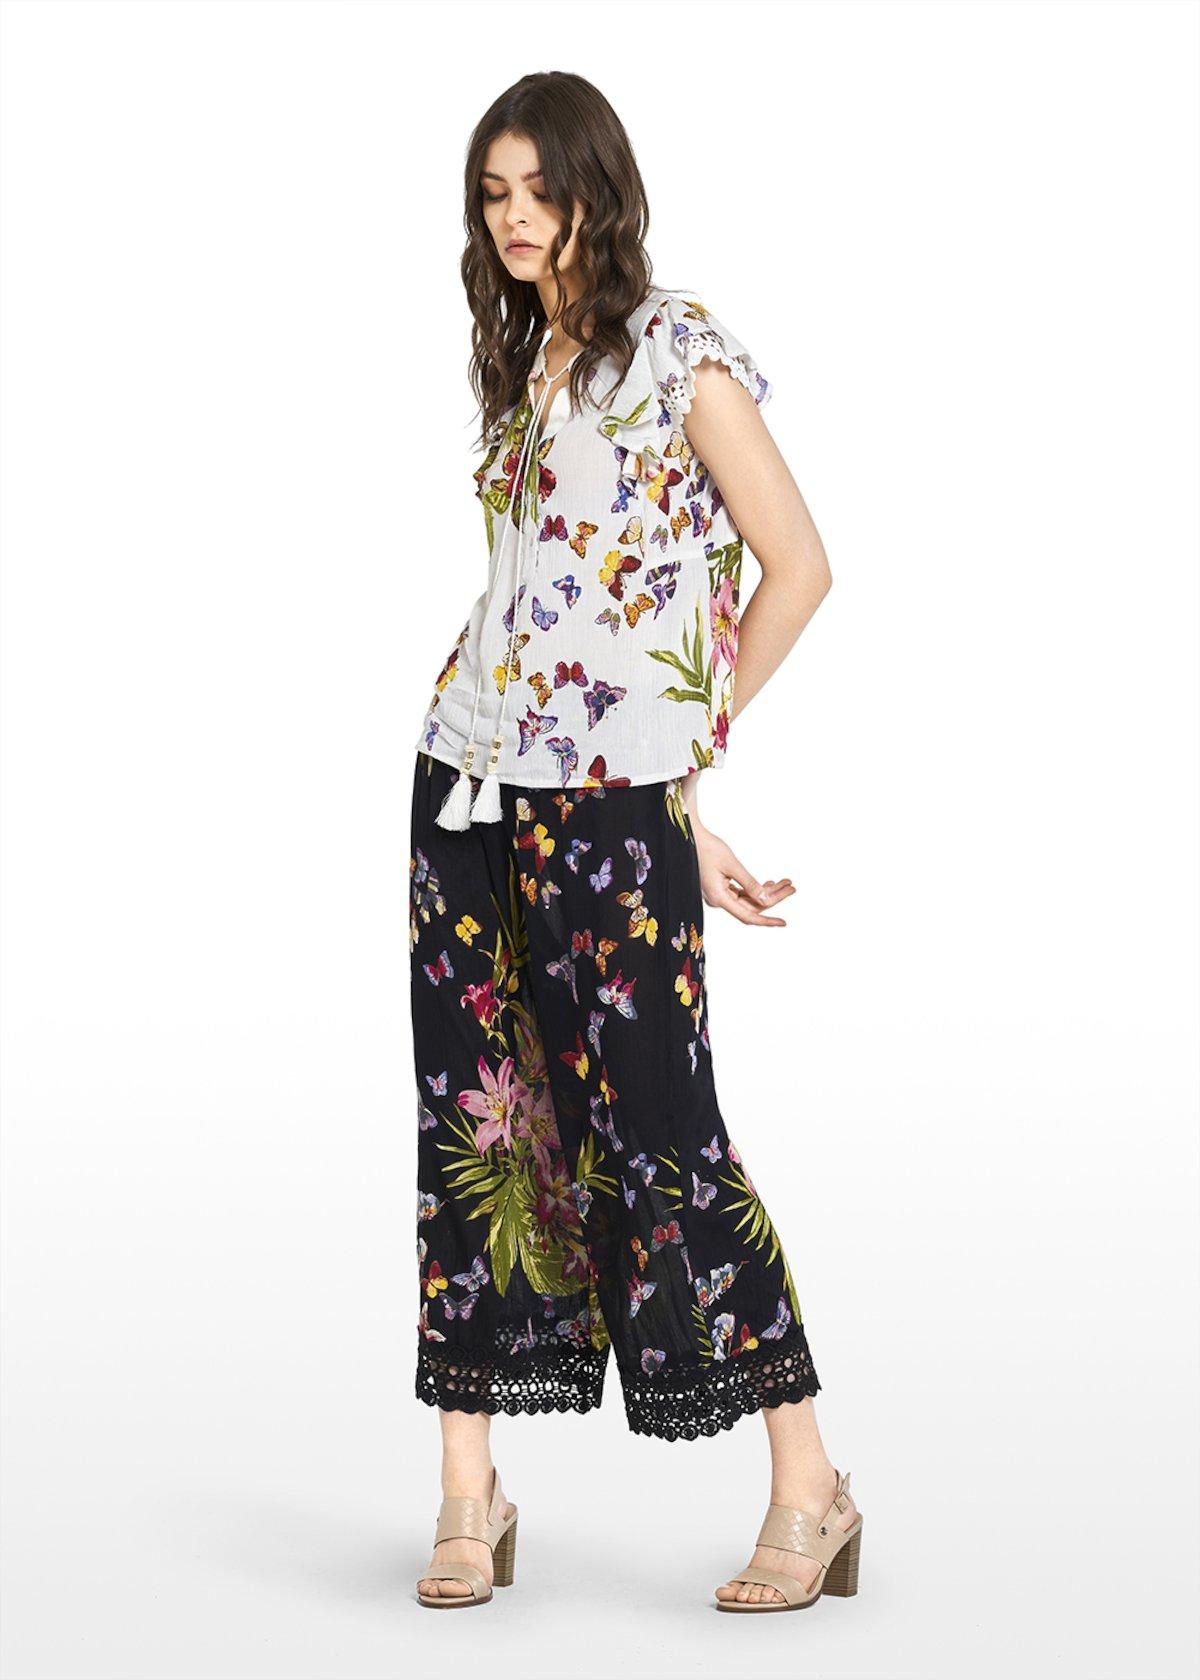 Camicia Camy con rouches - White\ Peonia\ Fantasia - Donna - Immagine categoria